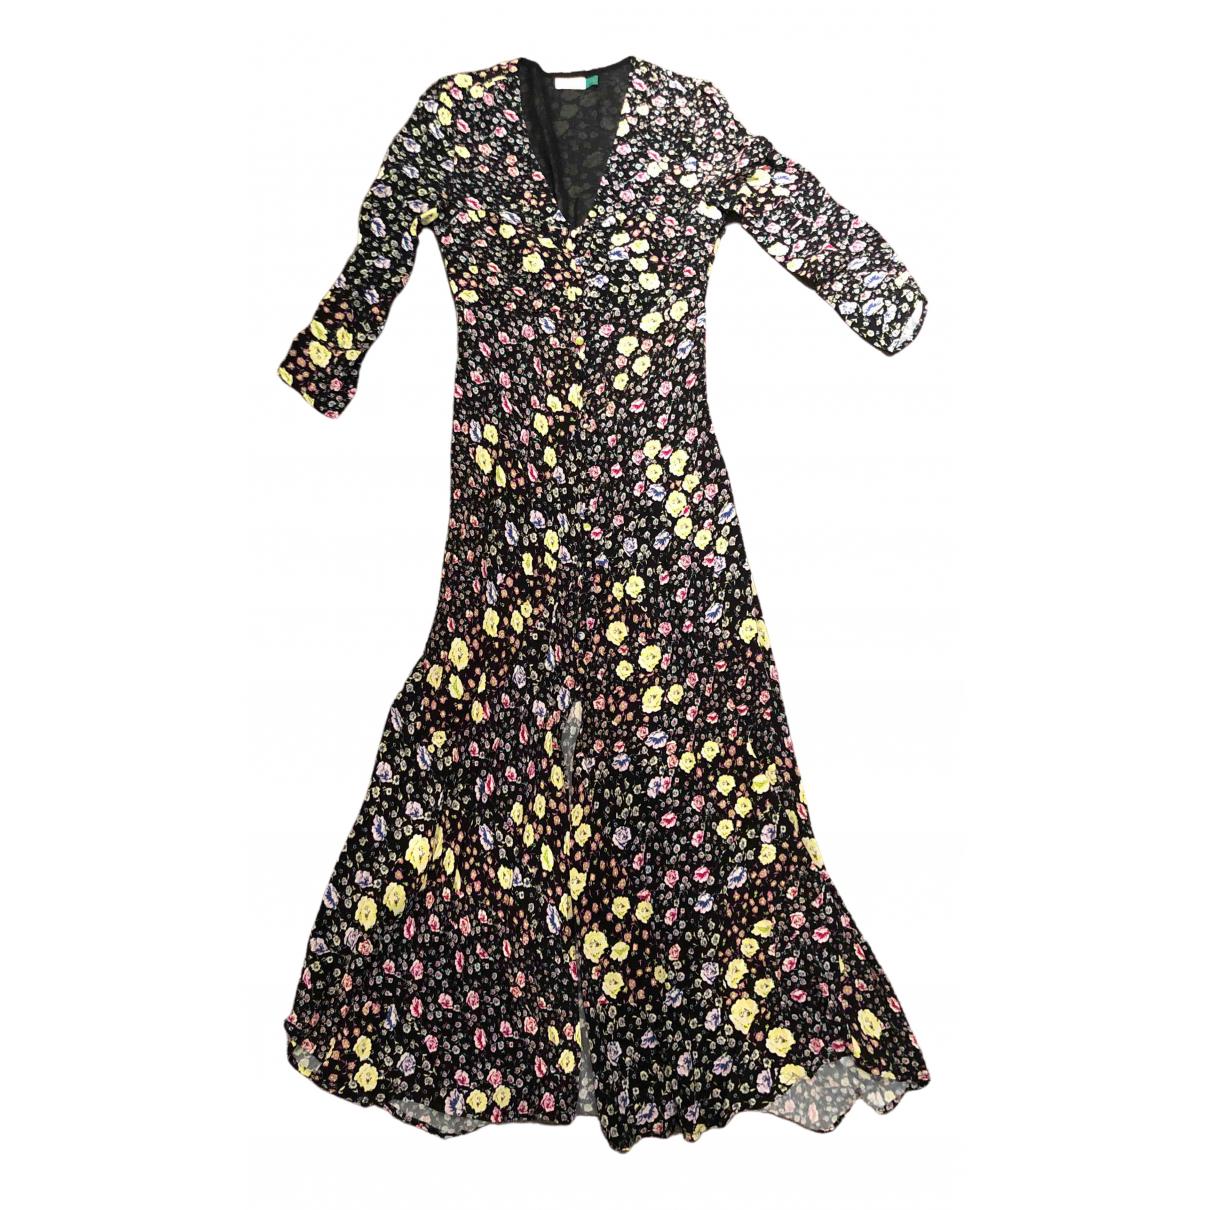 Rixo - Robe   pour femme - multicolore